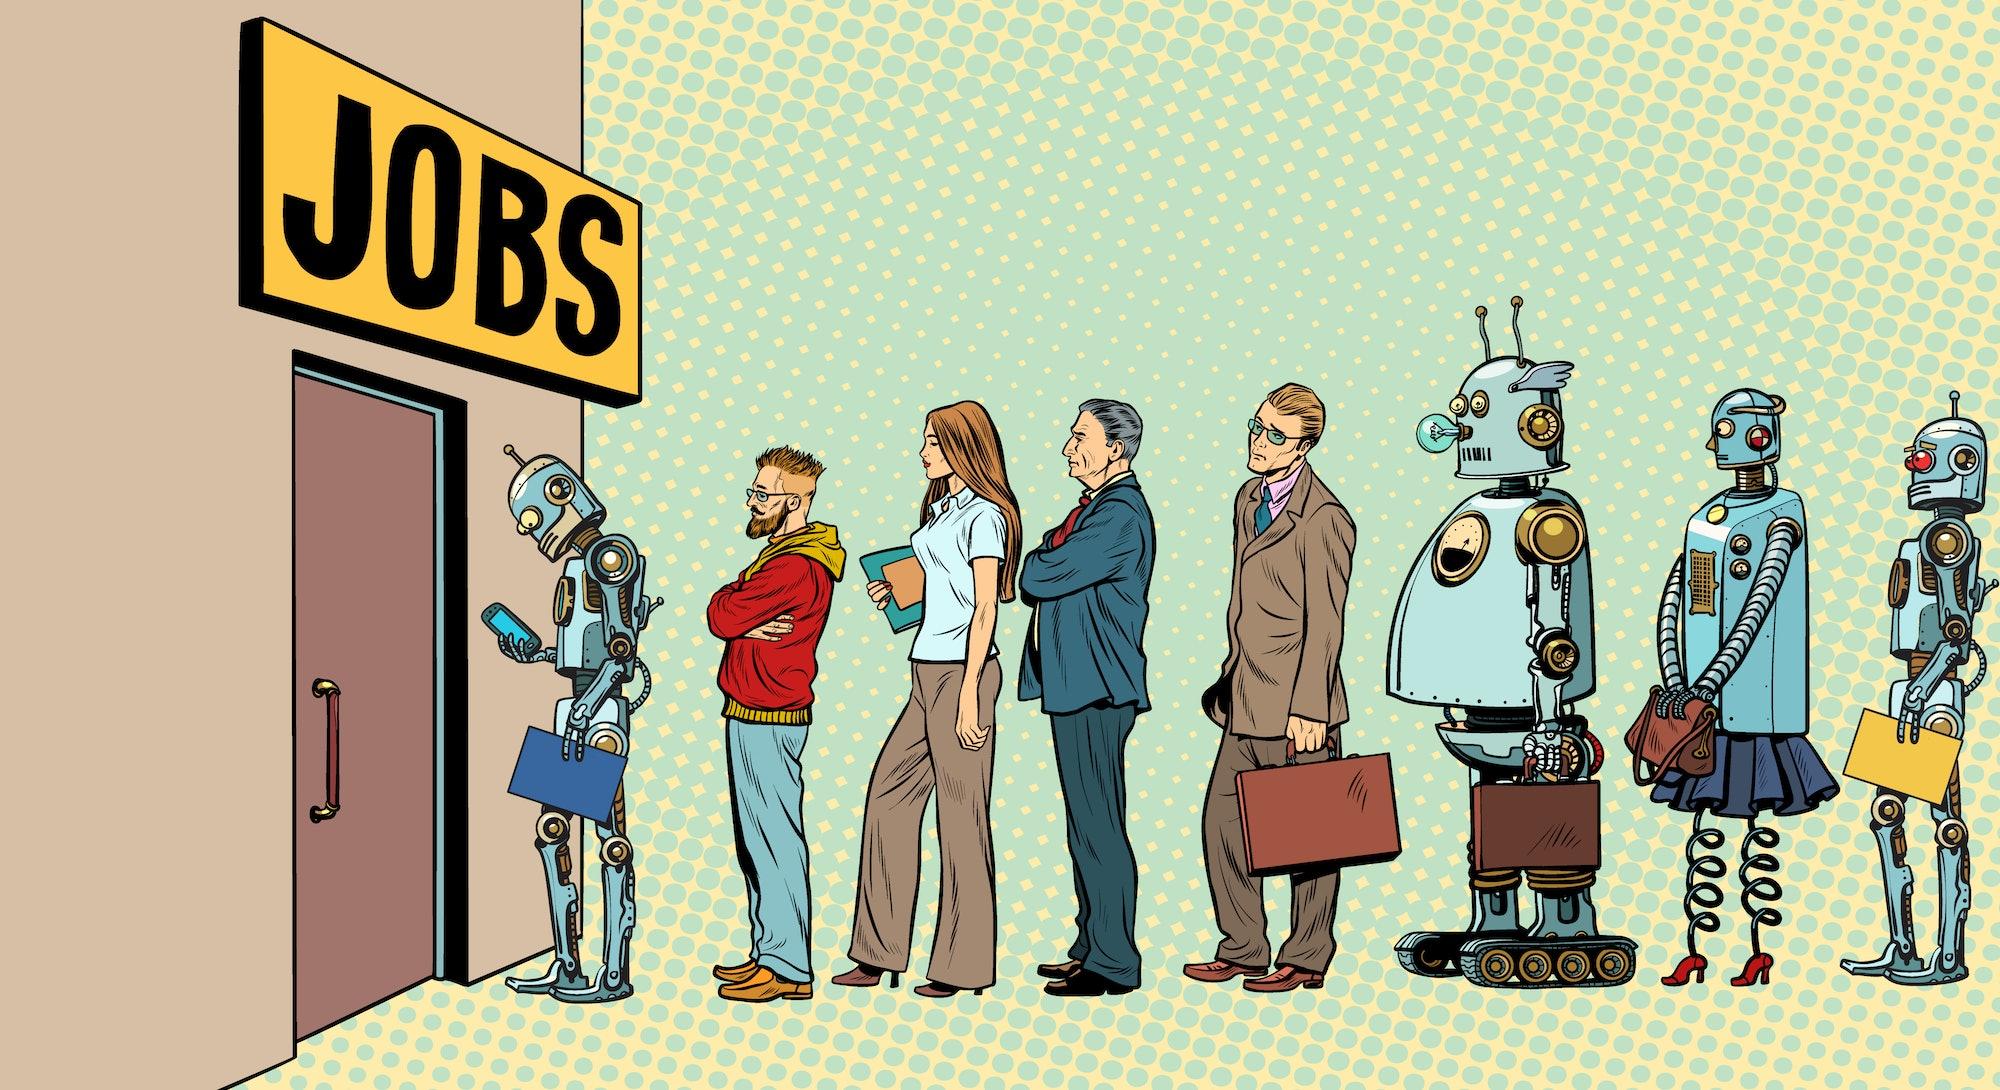 人和机器人争夺工作的竞争。技术革命。数字世界中的失业问题。波普艺术复古矢量插图